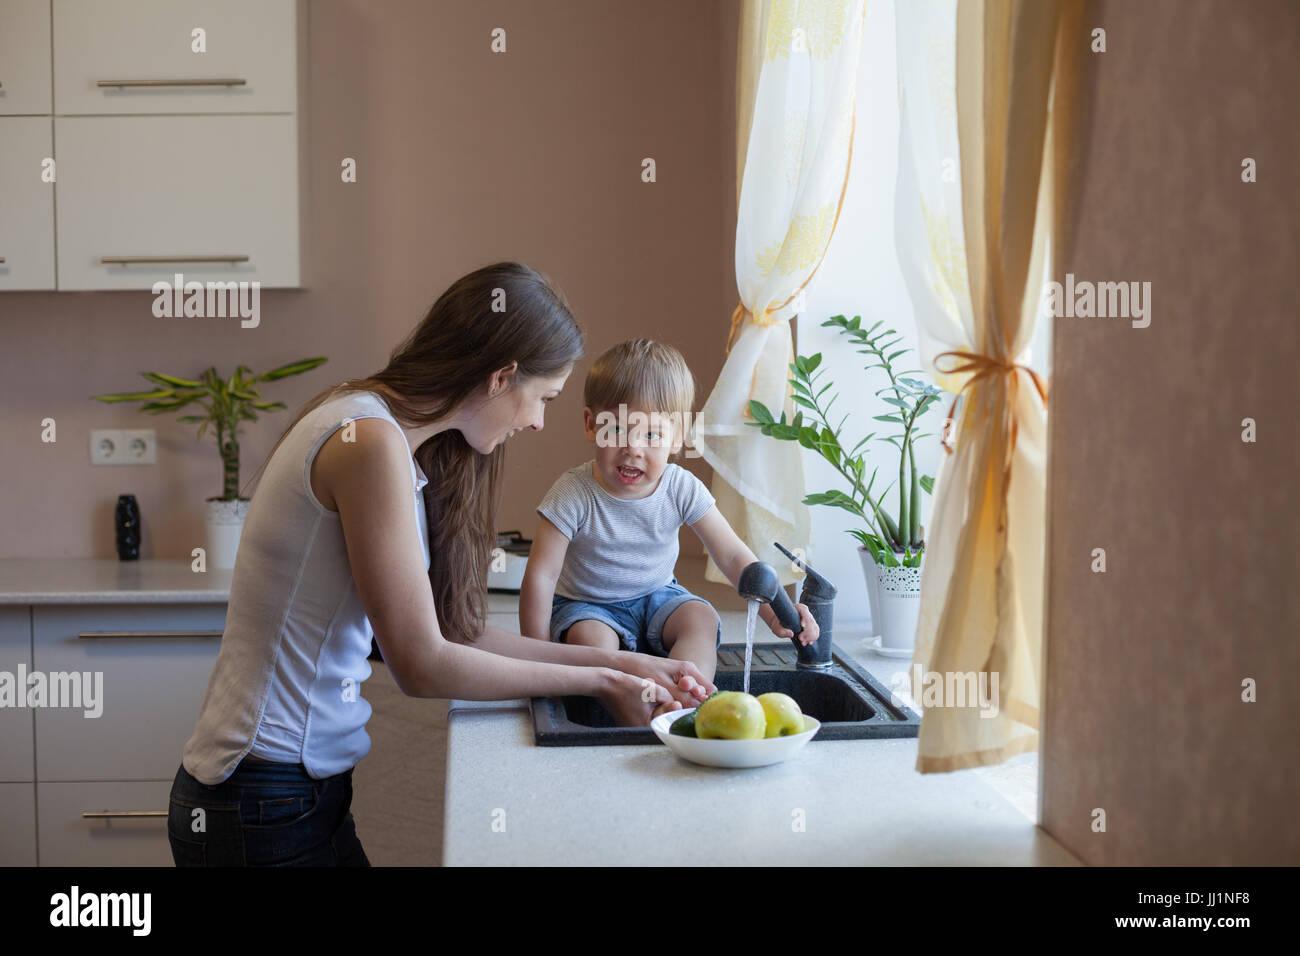 Cocina mamá hijo lavar las frutas y verduras Imagen De Stock